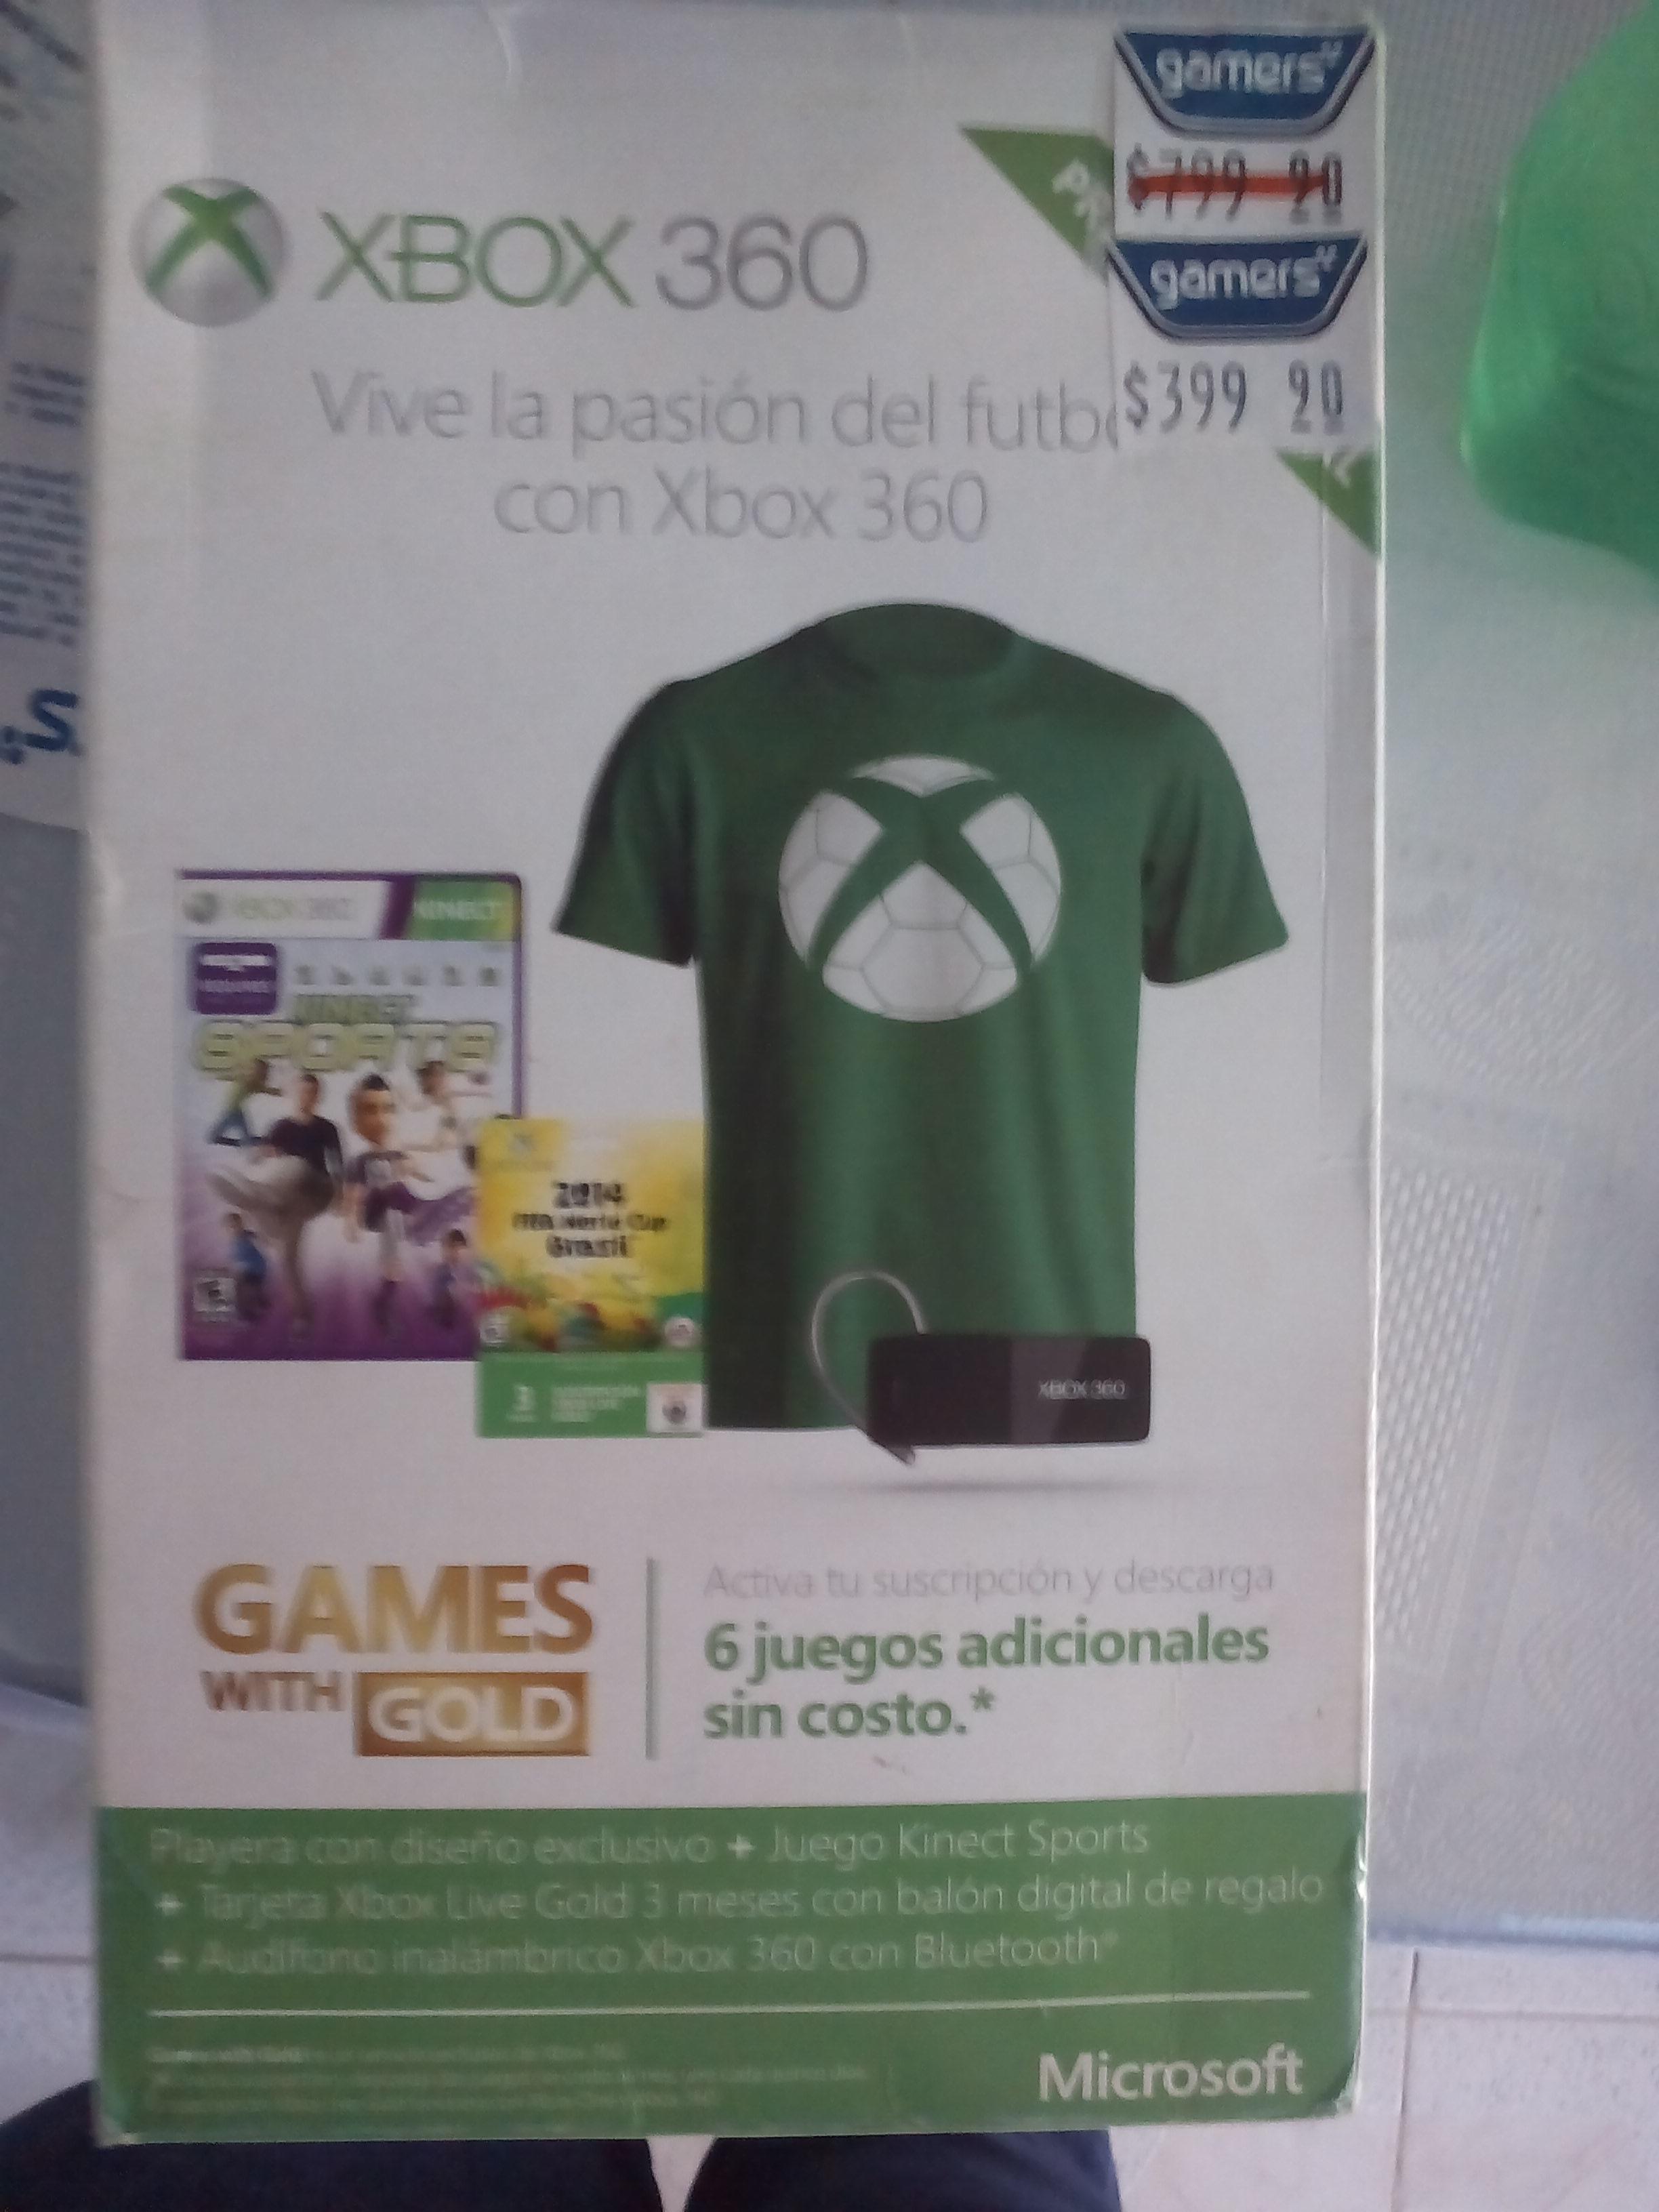 Gamers: Diadema inalambrica y Gold Xbox 360 $400 (bundle del mundial)